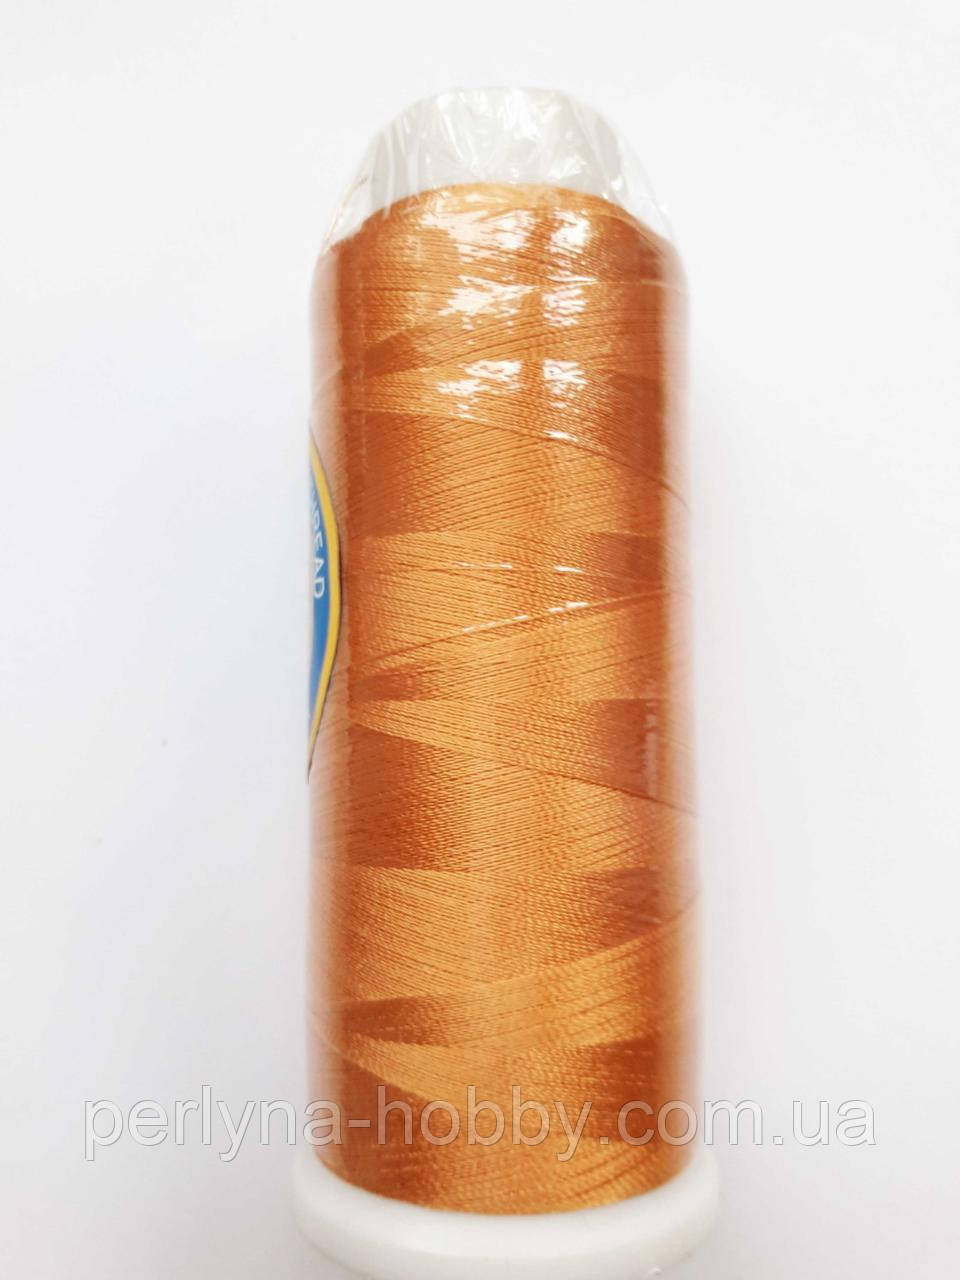 Нитки для машинної вишивки 100% віскоза(100% rayon) 3000 ярдів, №163, золотисто-оранжевий